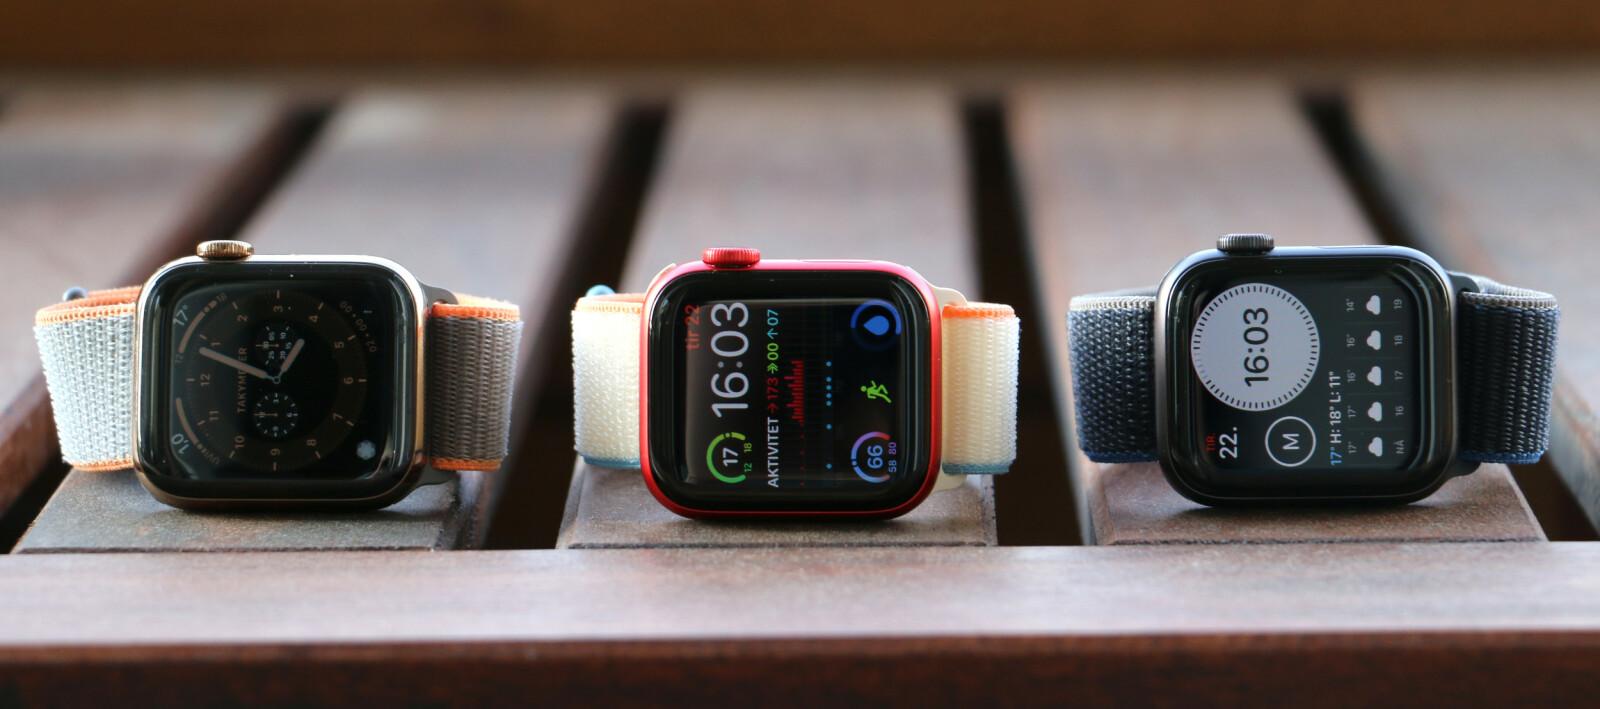 <strong>SAMME DESIGN:</strong> Det er så godt som umulig å se forskjell på Apple Watch Series 5 (til venstre), Series 6 (i midten) og SE (til høyre). Fargen kan dog avsløre dem. Foto: Kirsti Østvang